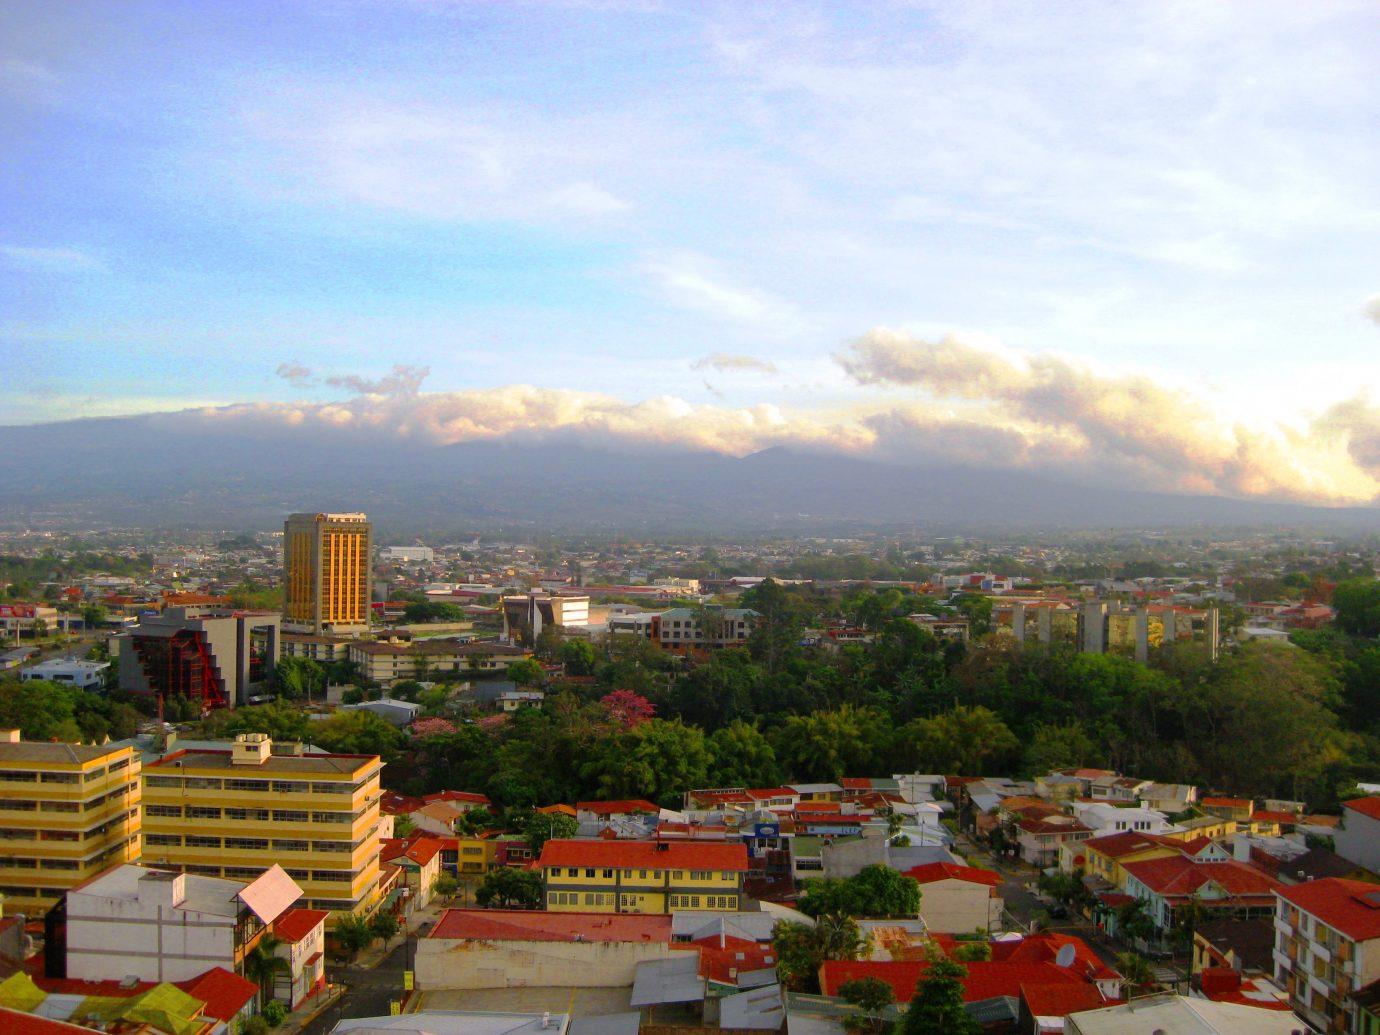 Cityscape of San José in Costa Rica